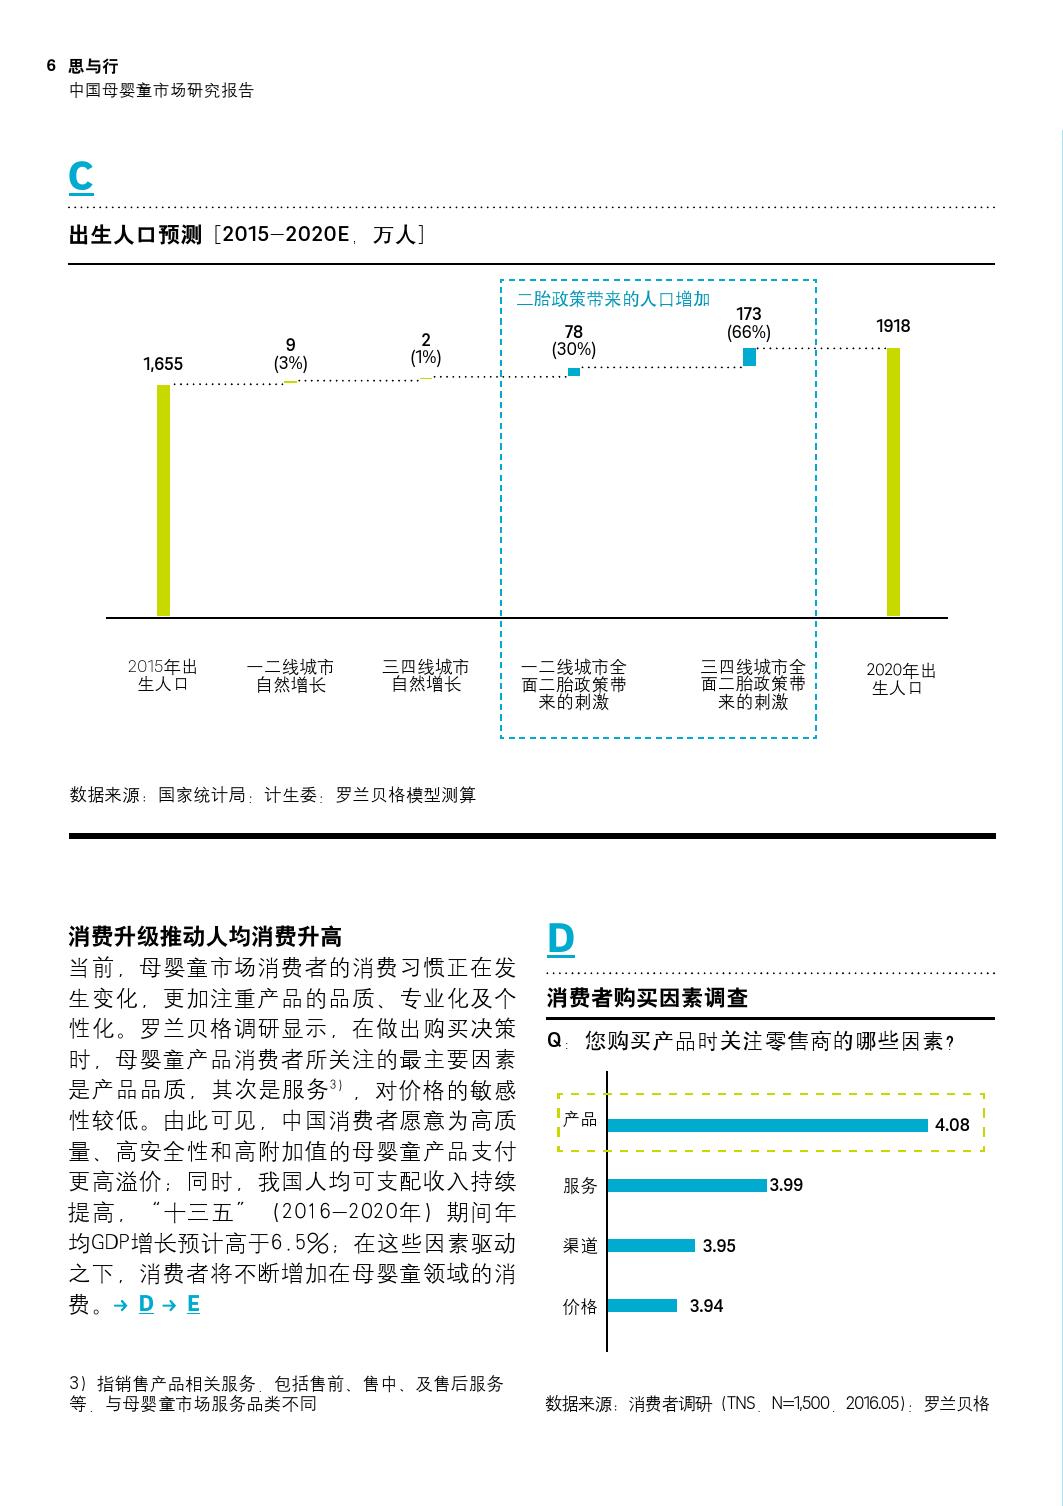 罗兰贝:2016中国母婴童市场研究报告_000006